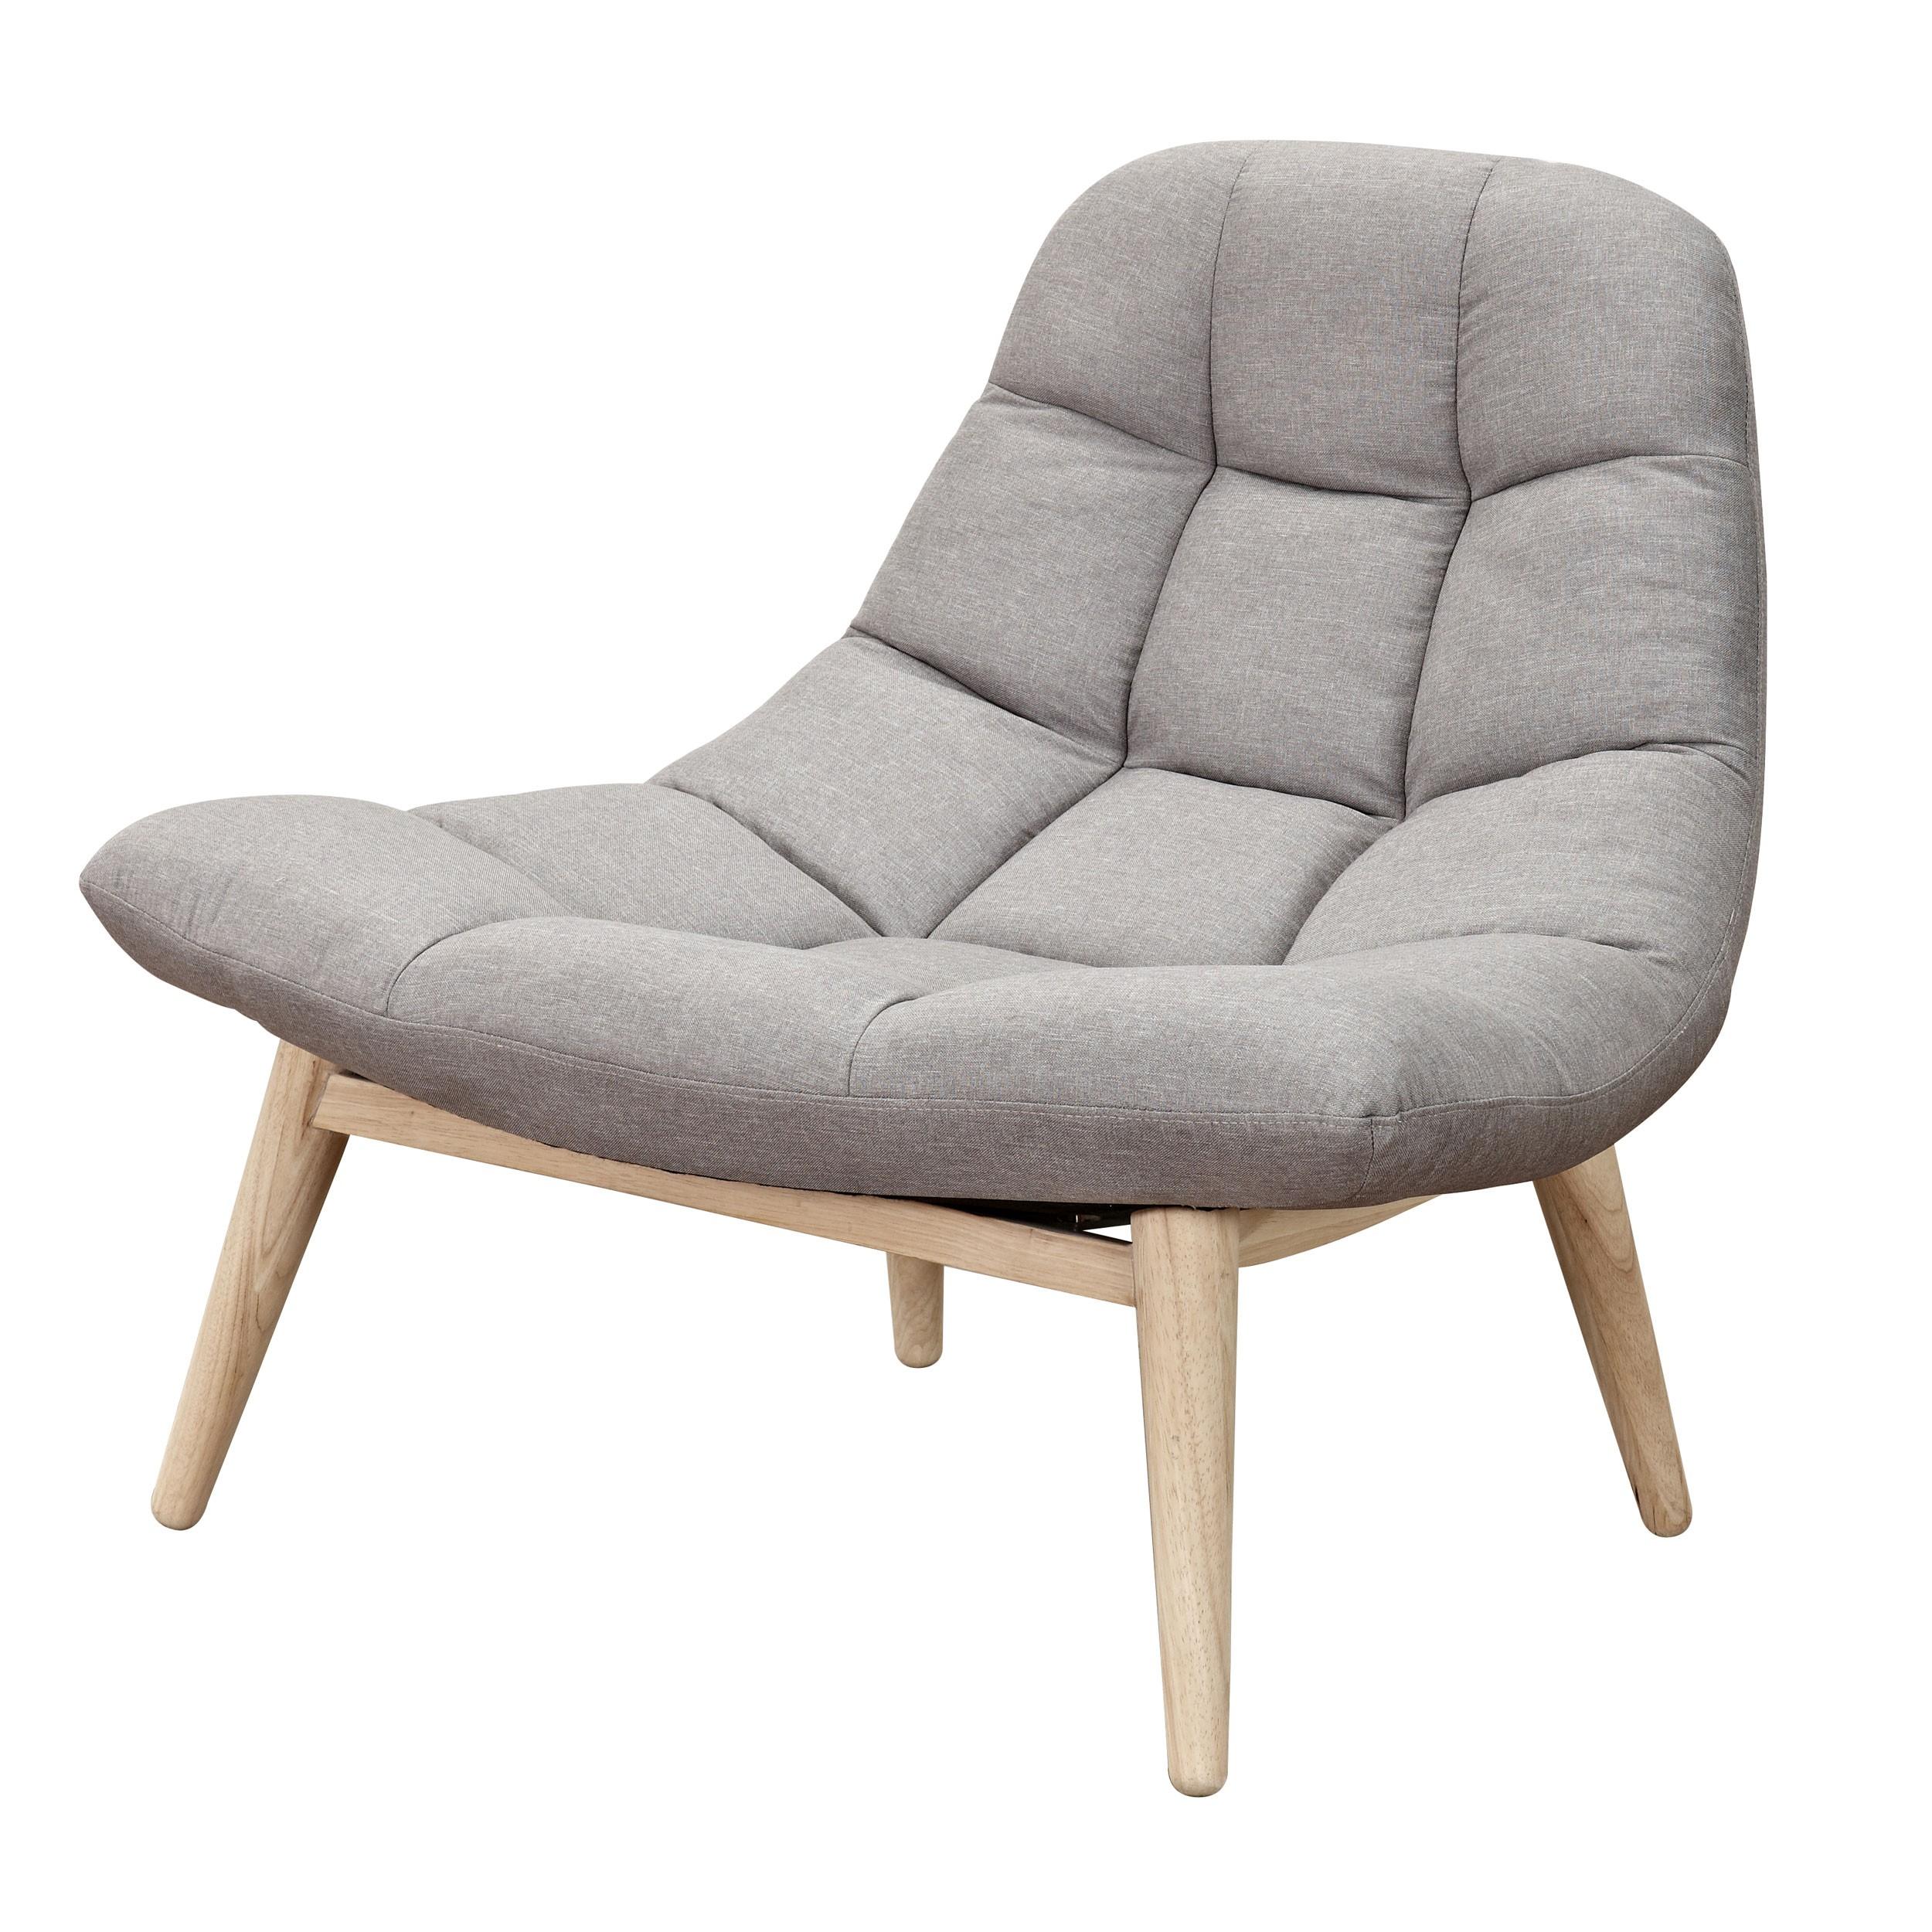 Fauteuil Melby gris perle adopez nos fauteuils Melby gris perle